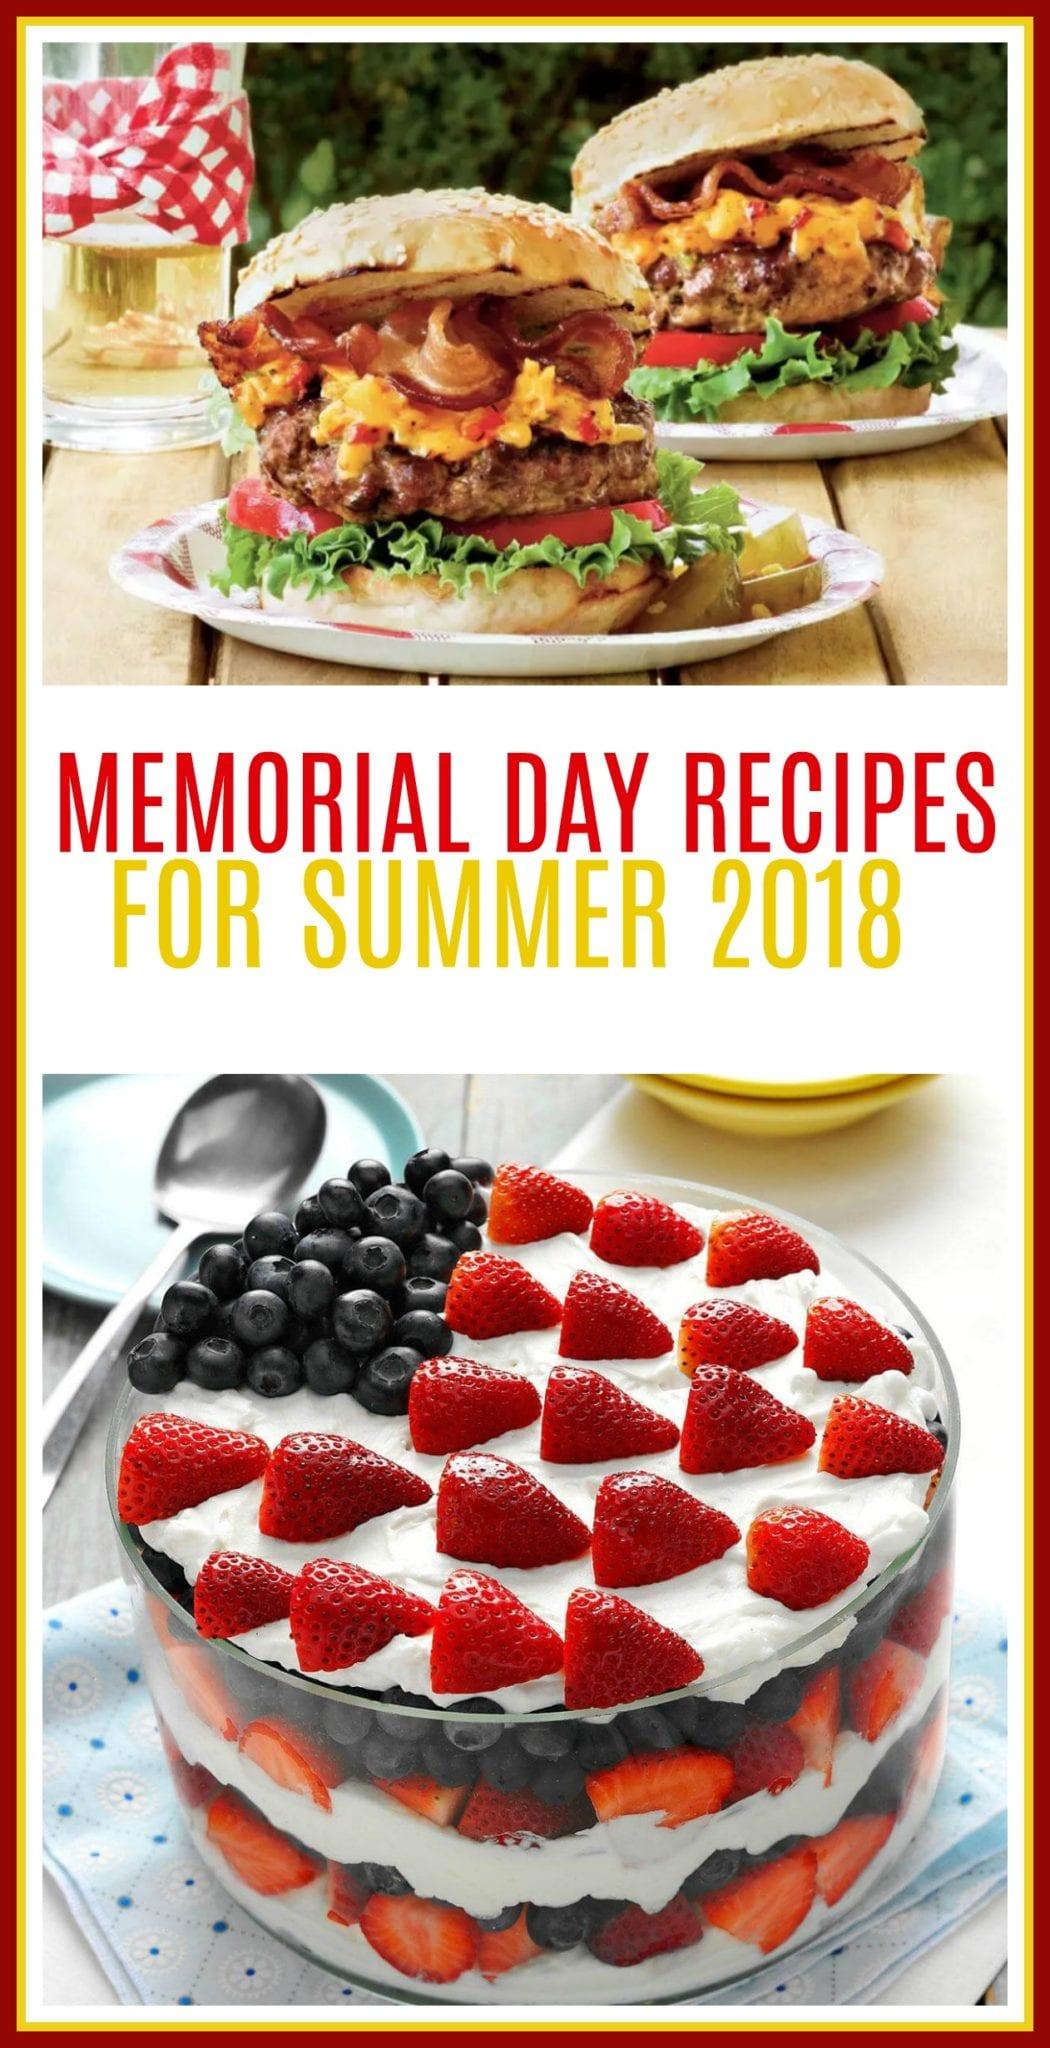 memorial day, memorial day recipes, memorial day games, memorial day 2018